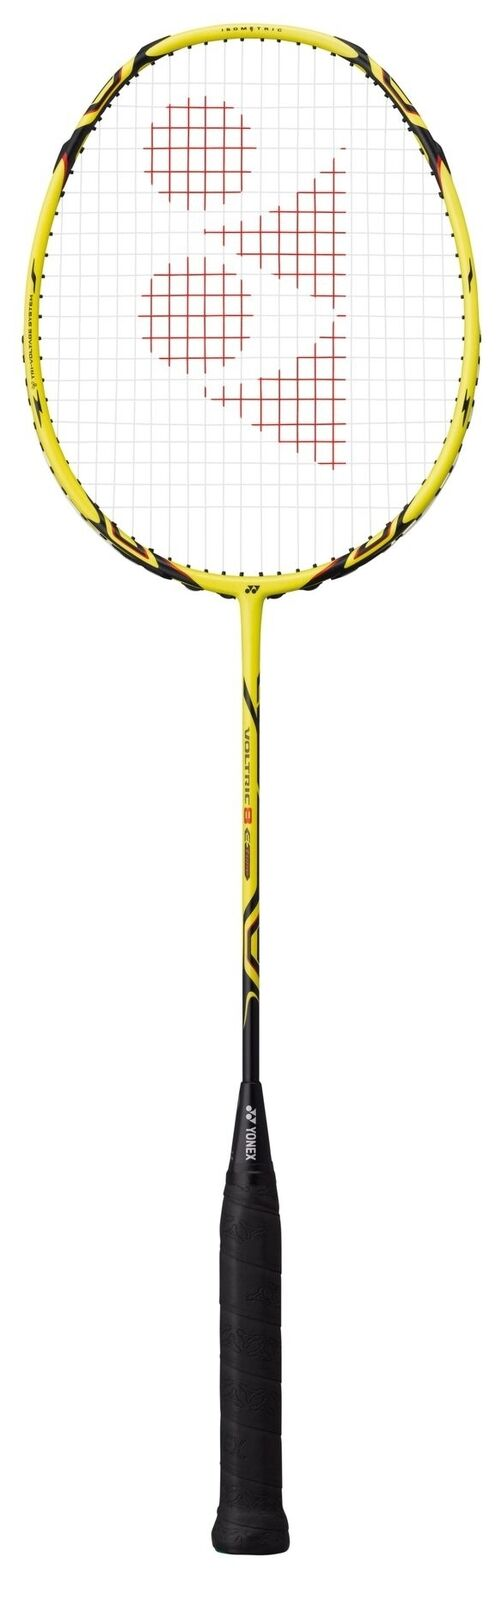 Yonex Voltric 8 E-Tune Raquette de Badminton Badminton Raquette Raquette